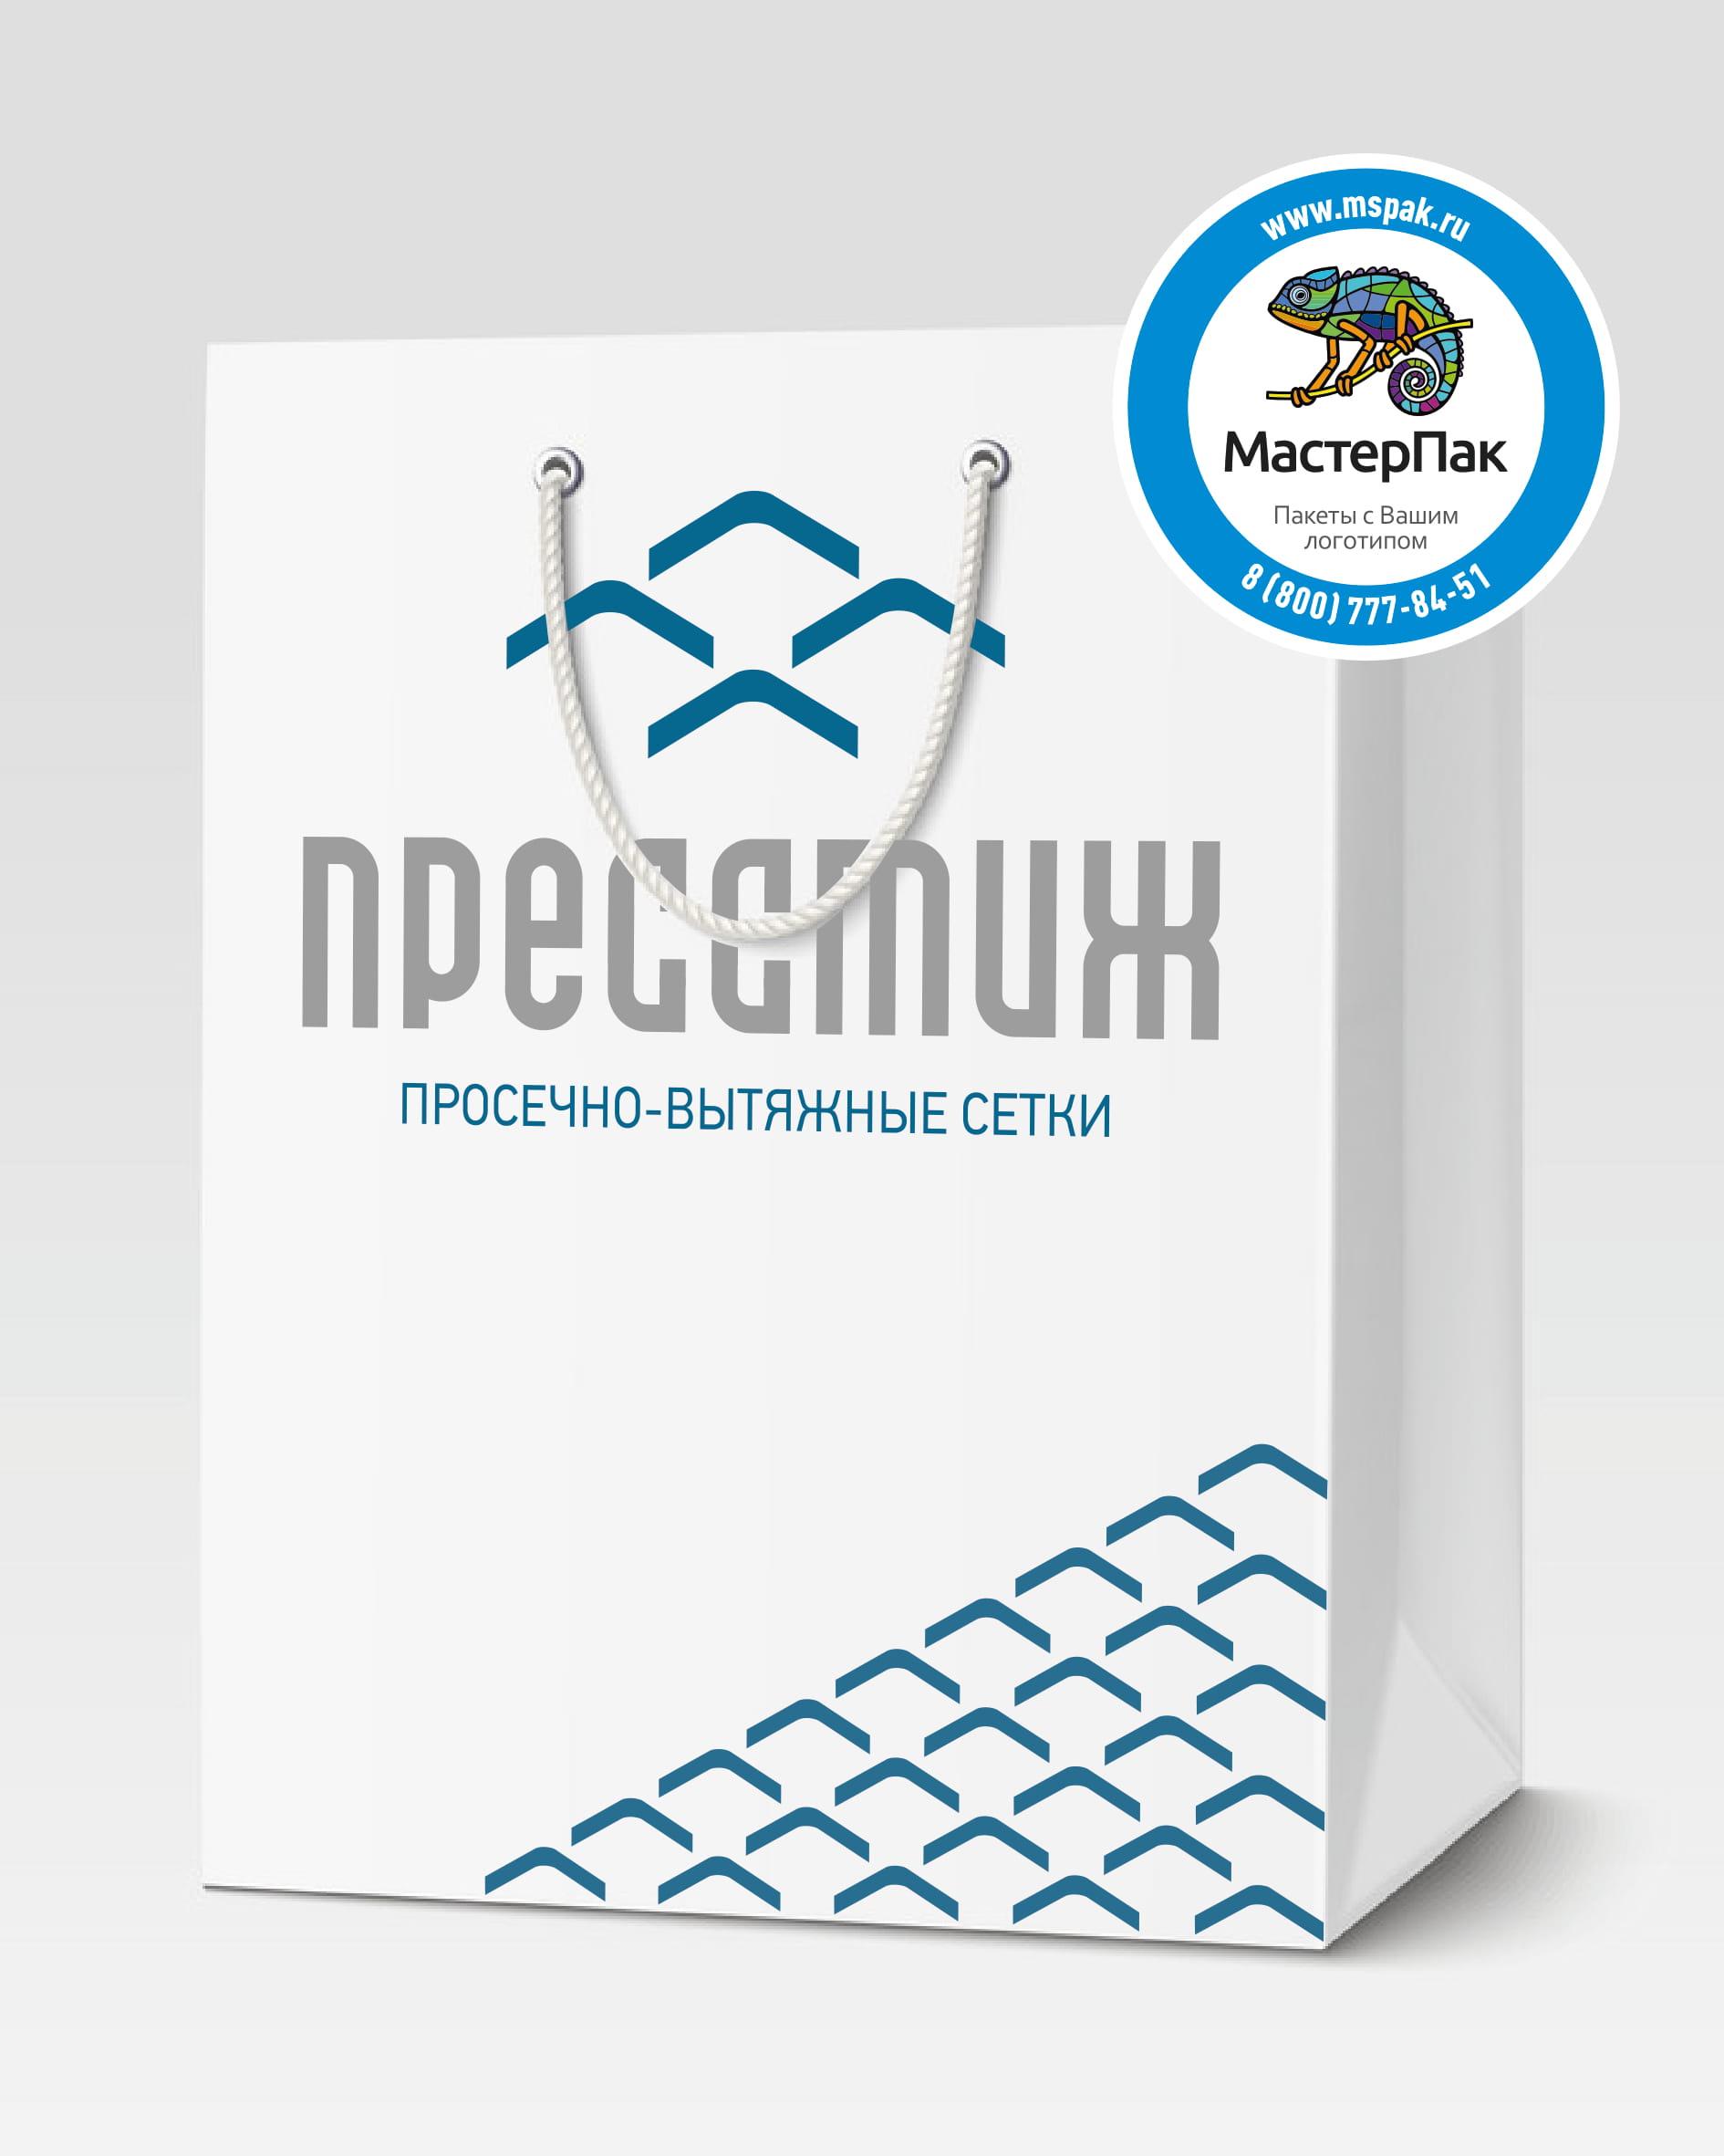 Пакет подарочный, бумажный с логотипом Пресстиж, Тверь, 30*40, люверсы